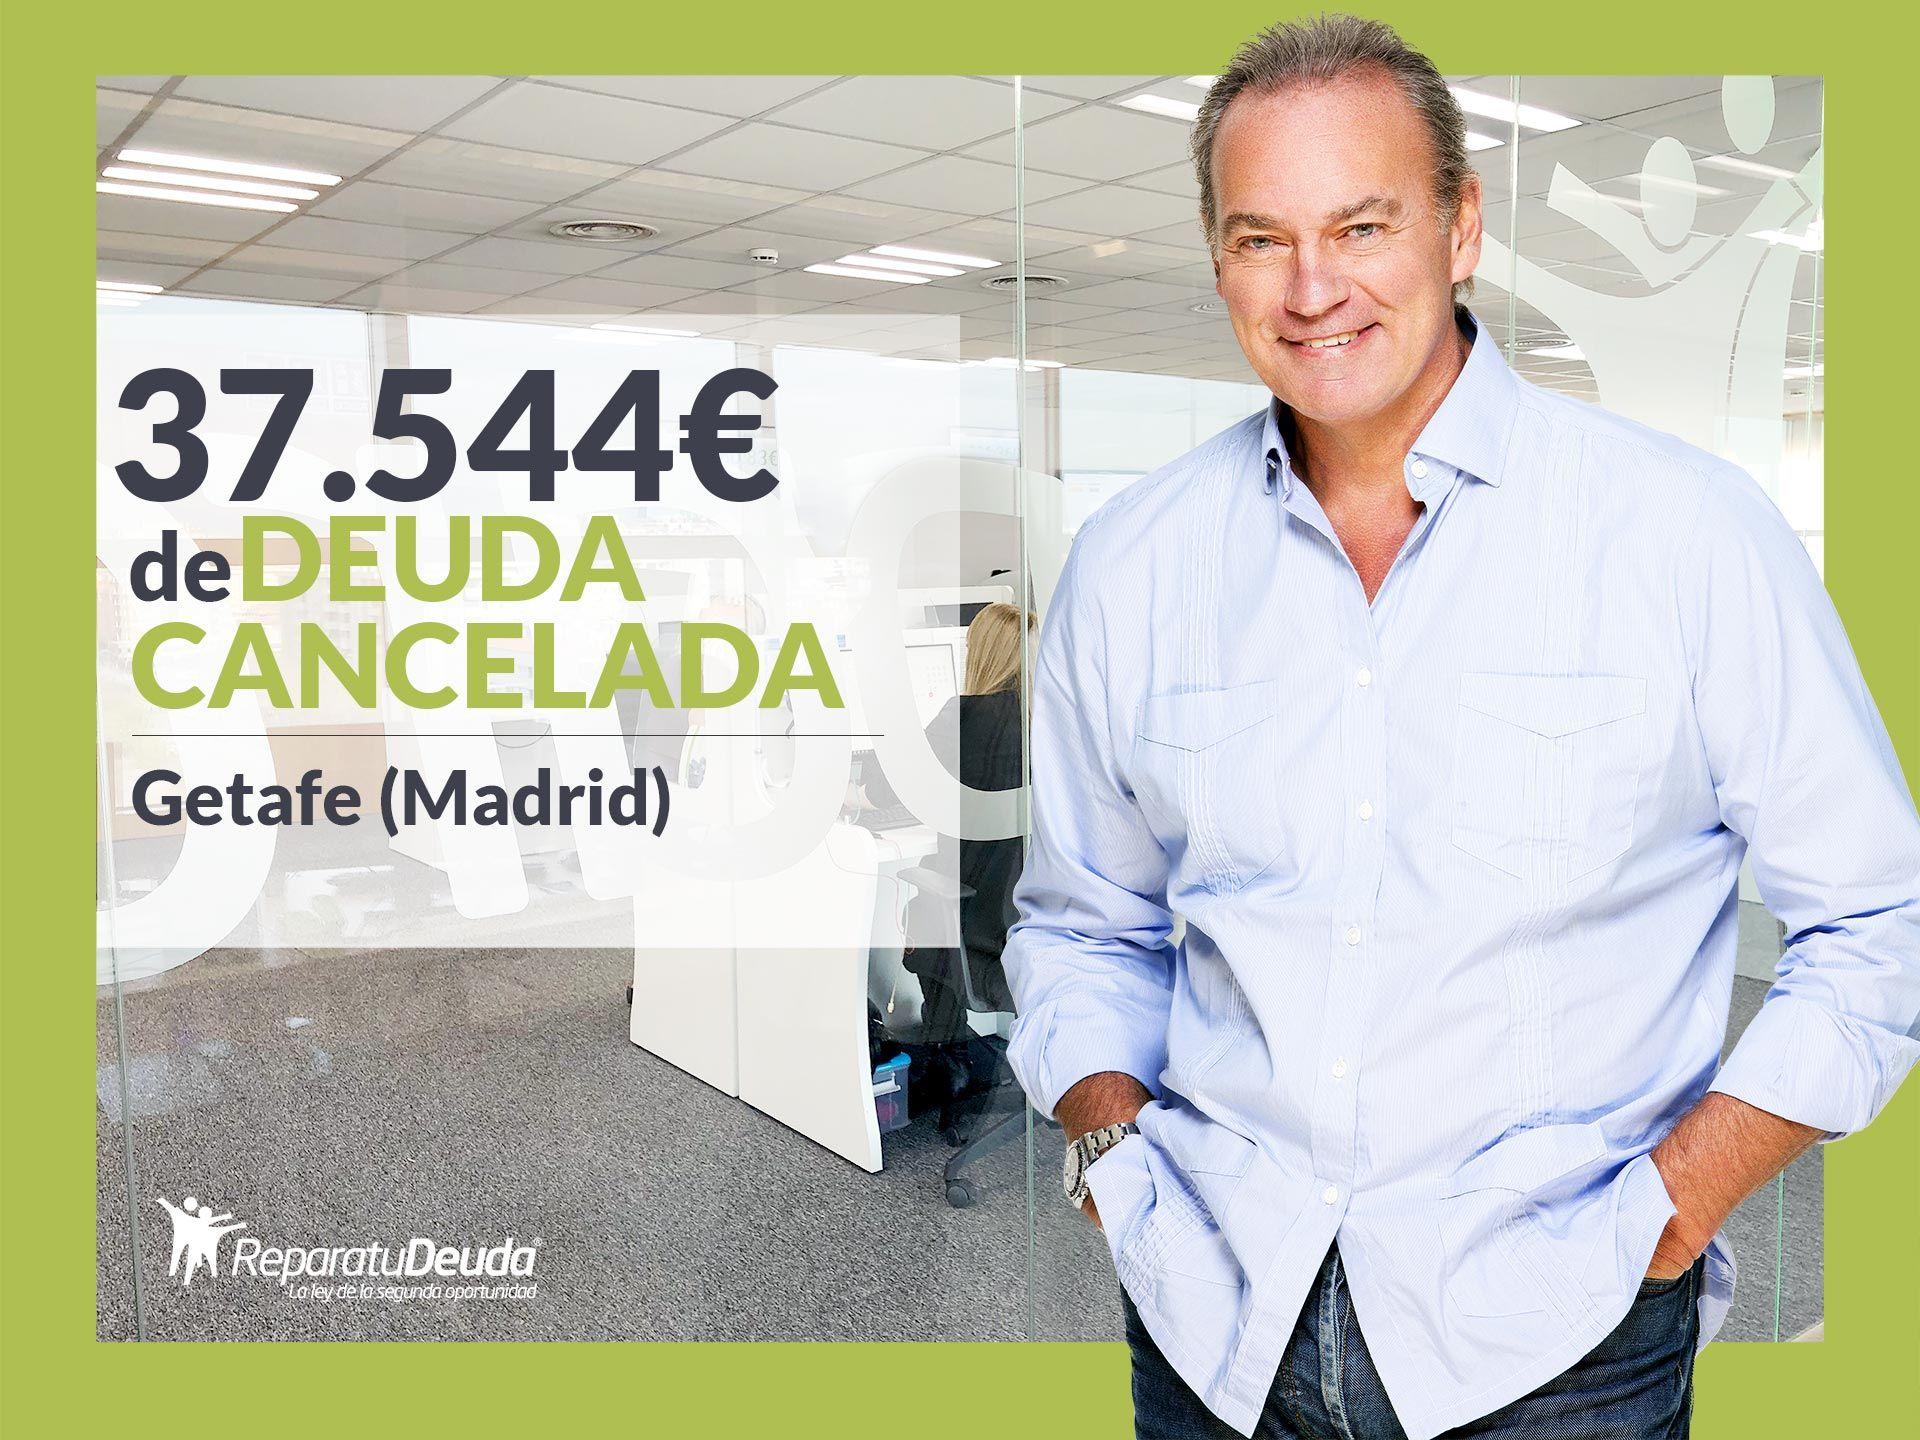 Repara tu Deuda Abogados cancela 37.544? en Getafe (Madrid) con la Ley de Segunda Oportunidad